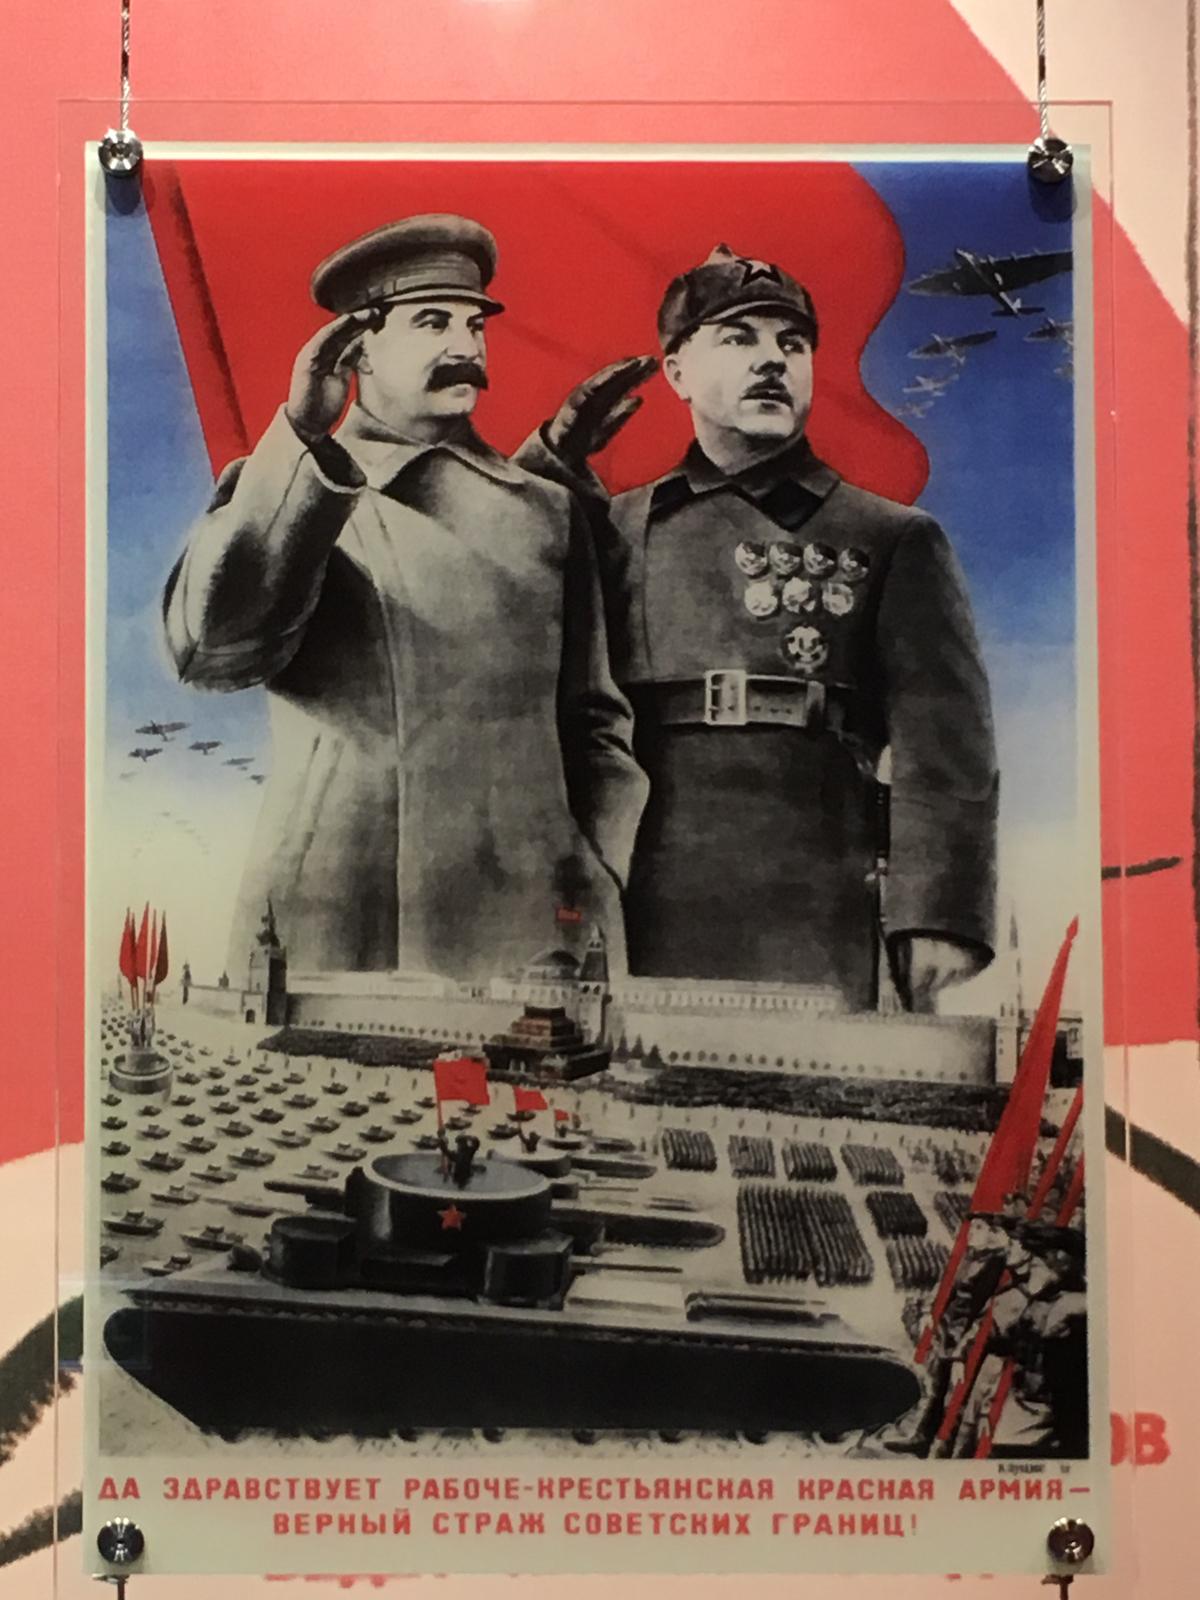 Gdansk2nd_world_war_museum-4.jpg